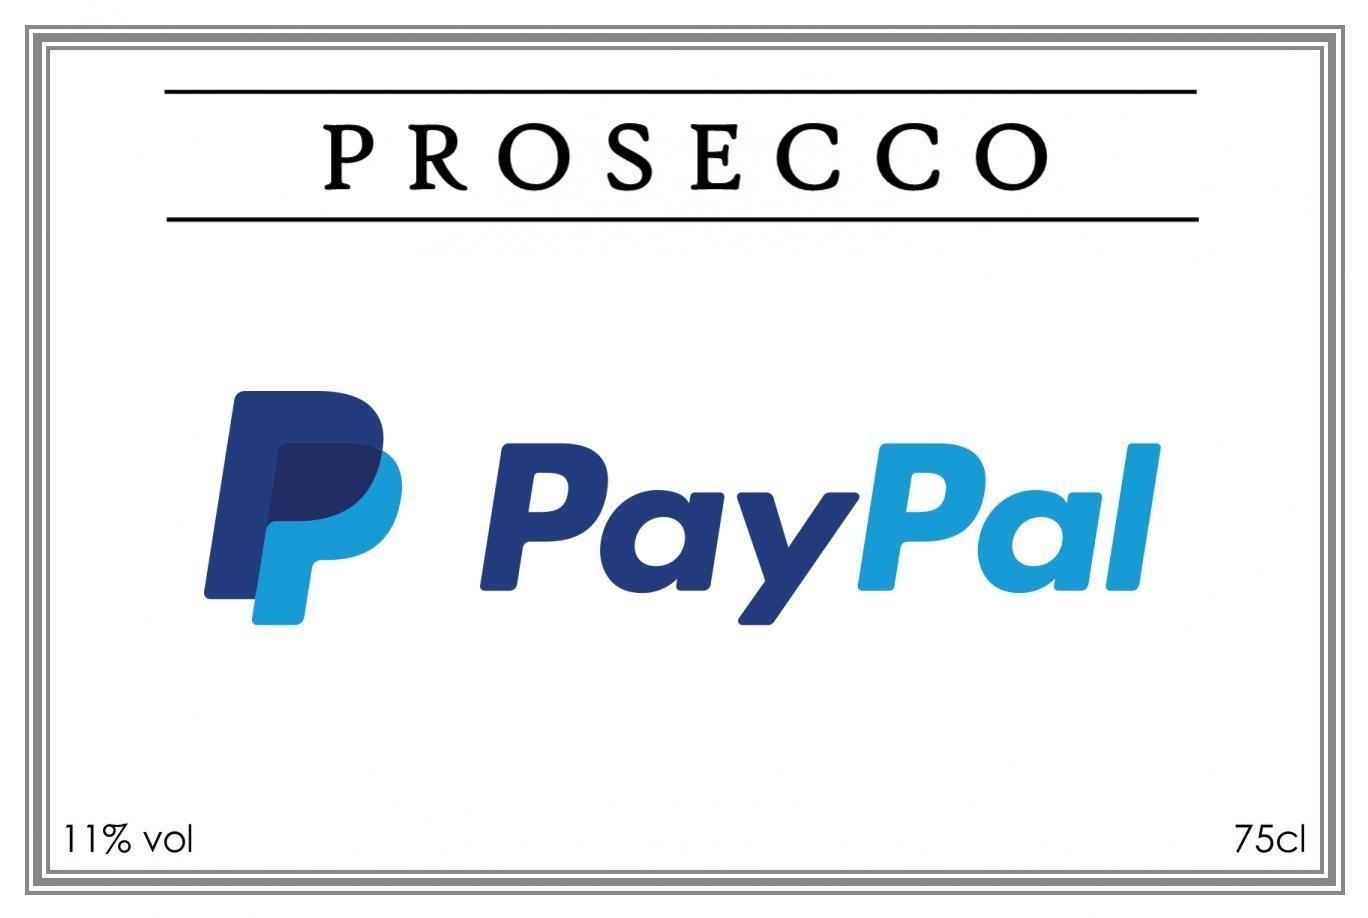 long-service-award-corporate-prosecco-label